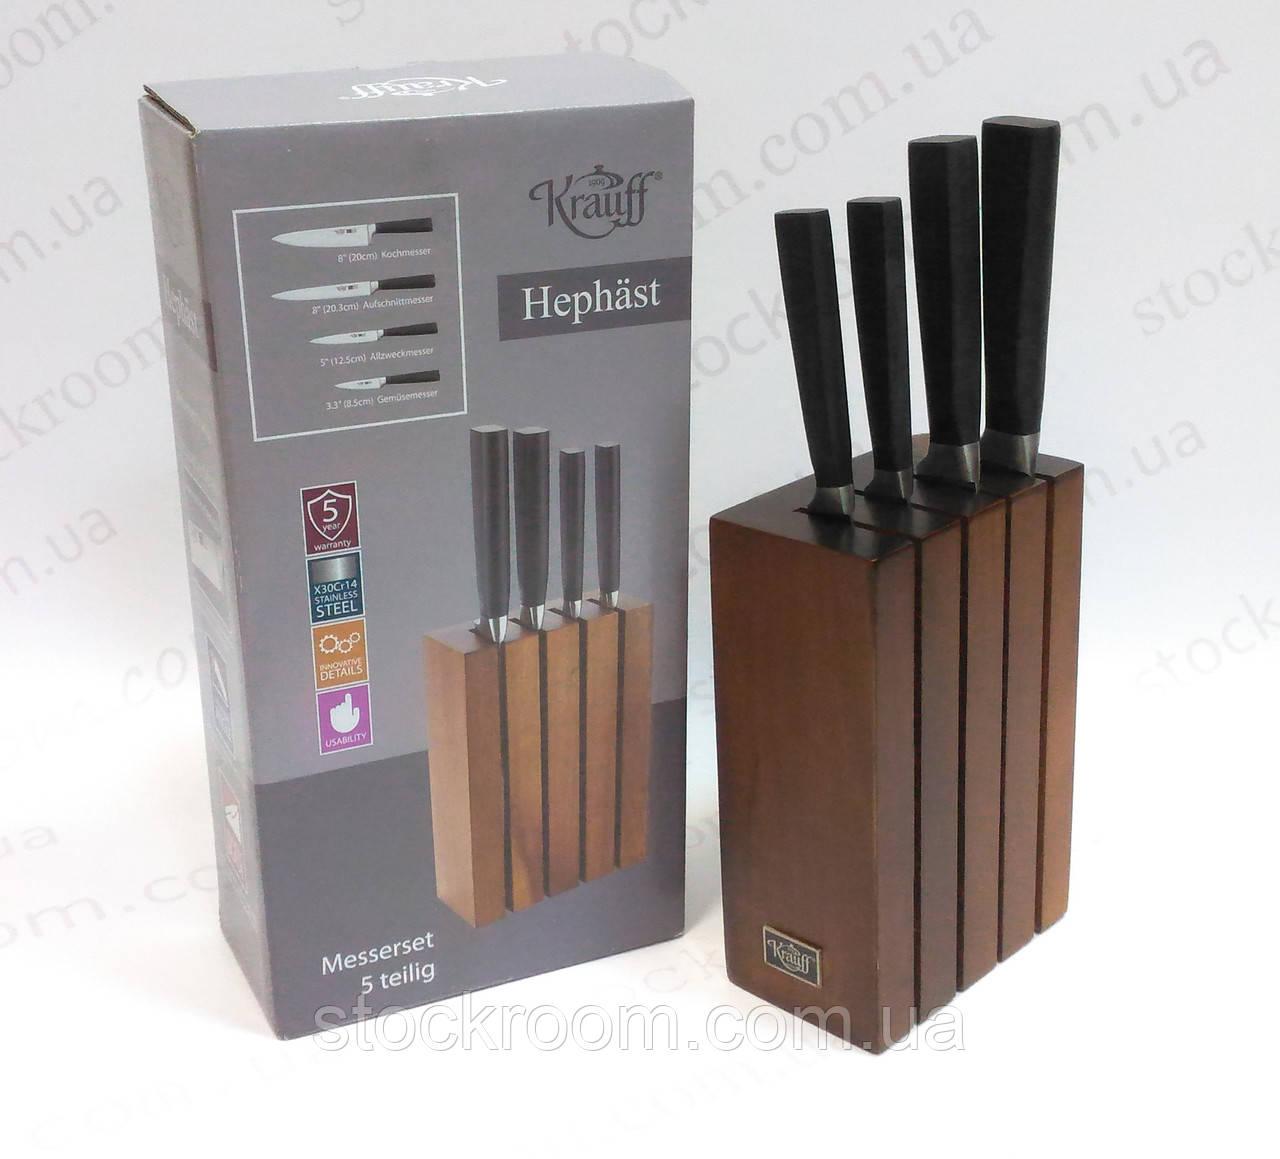 Набор ножей Krauff 29-243-029 с деревянной подставкой